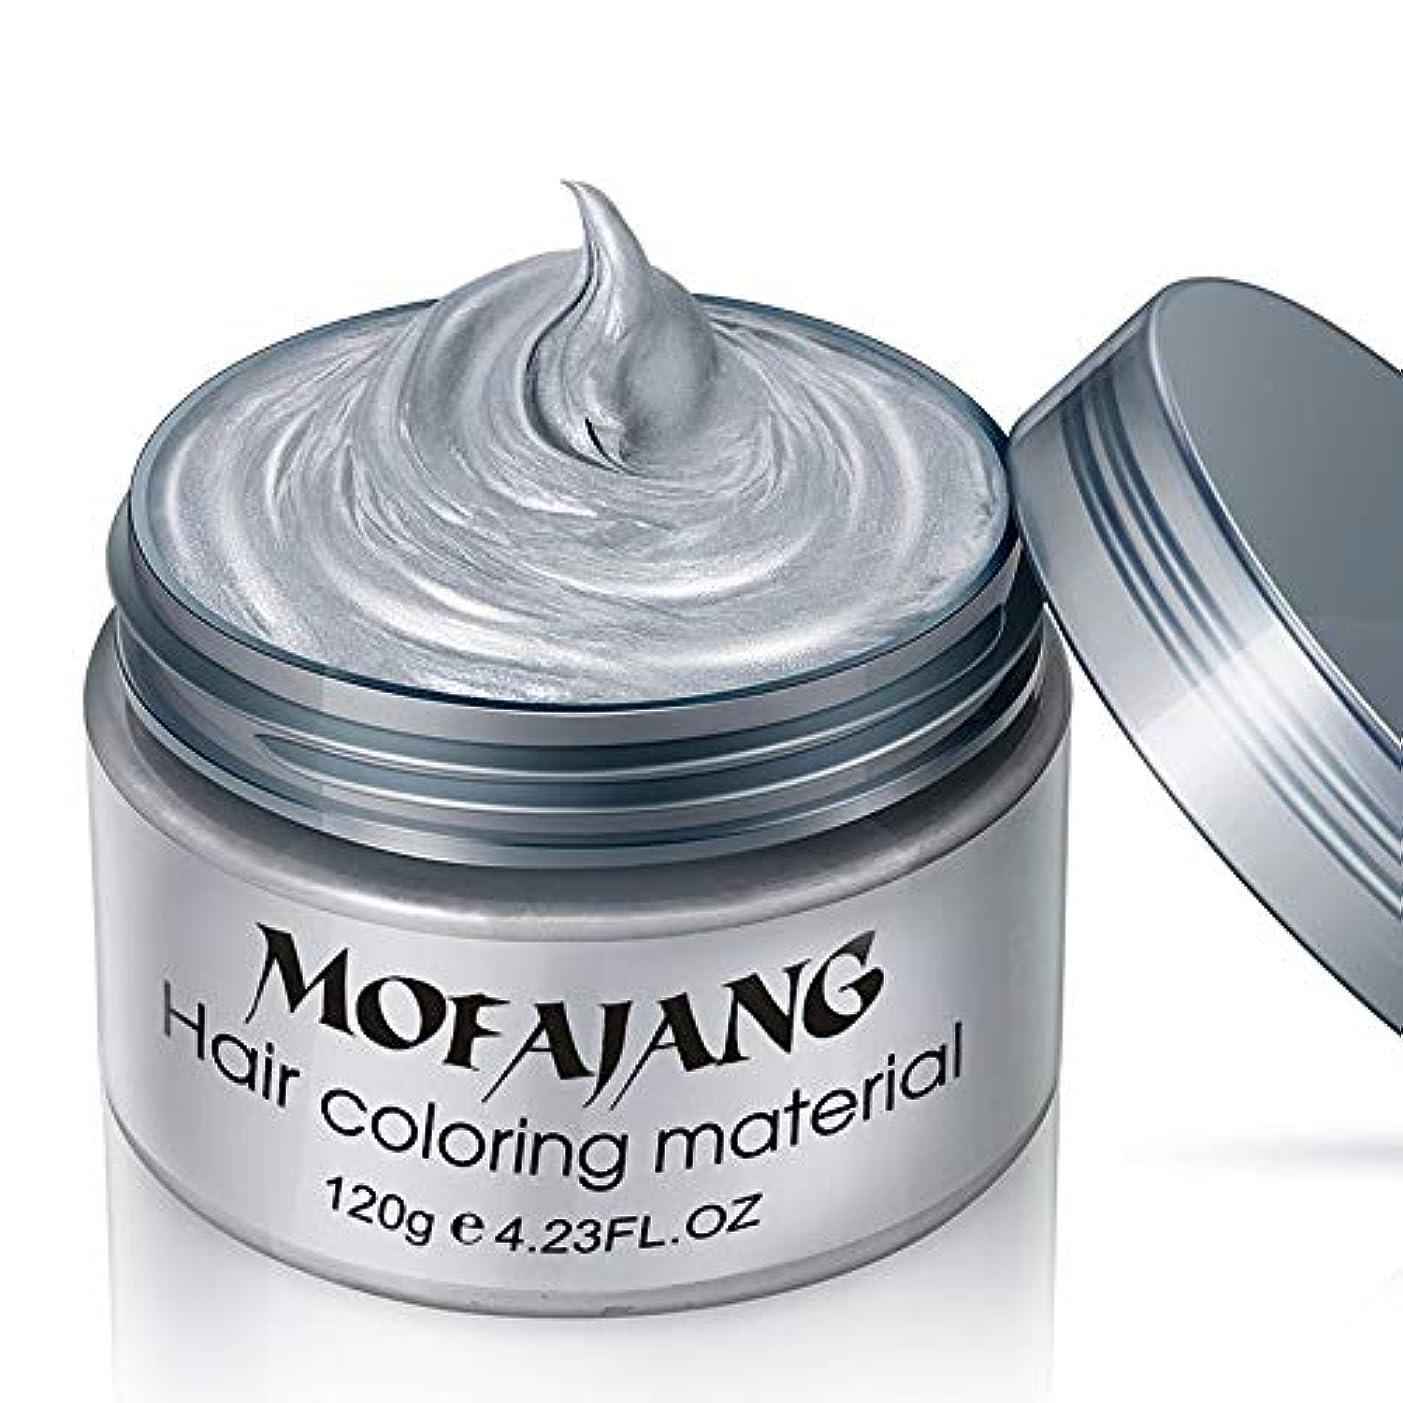 影響病気のどこかシルバーグレーの髪のワックス、豪華な着色泥の髪の染め、洗えるトリートメントの非グリースマットの髪型。